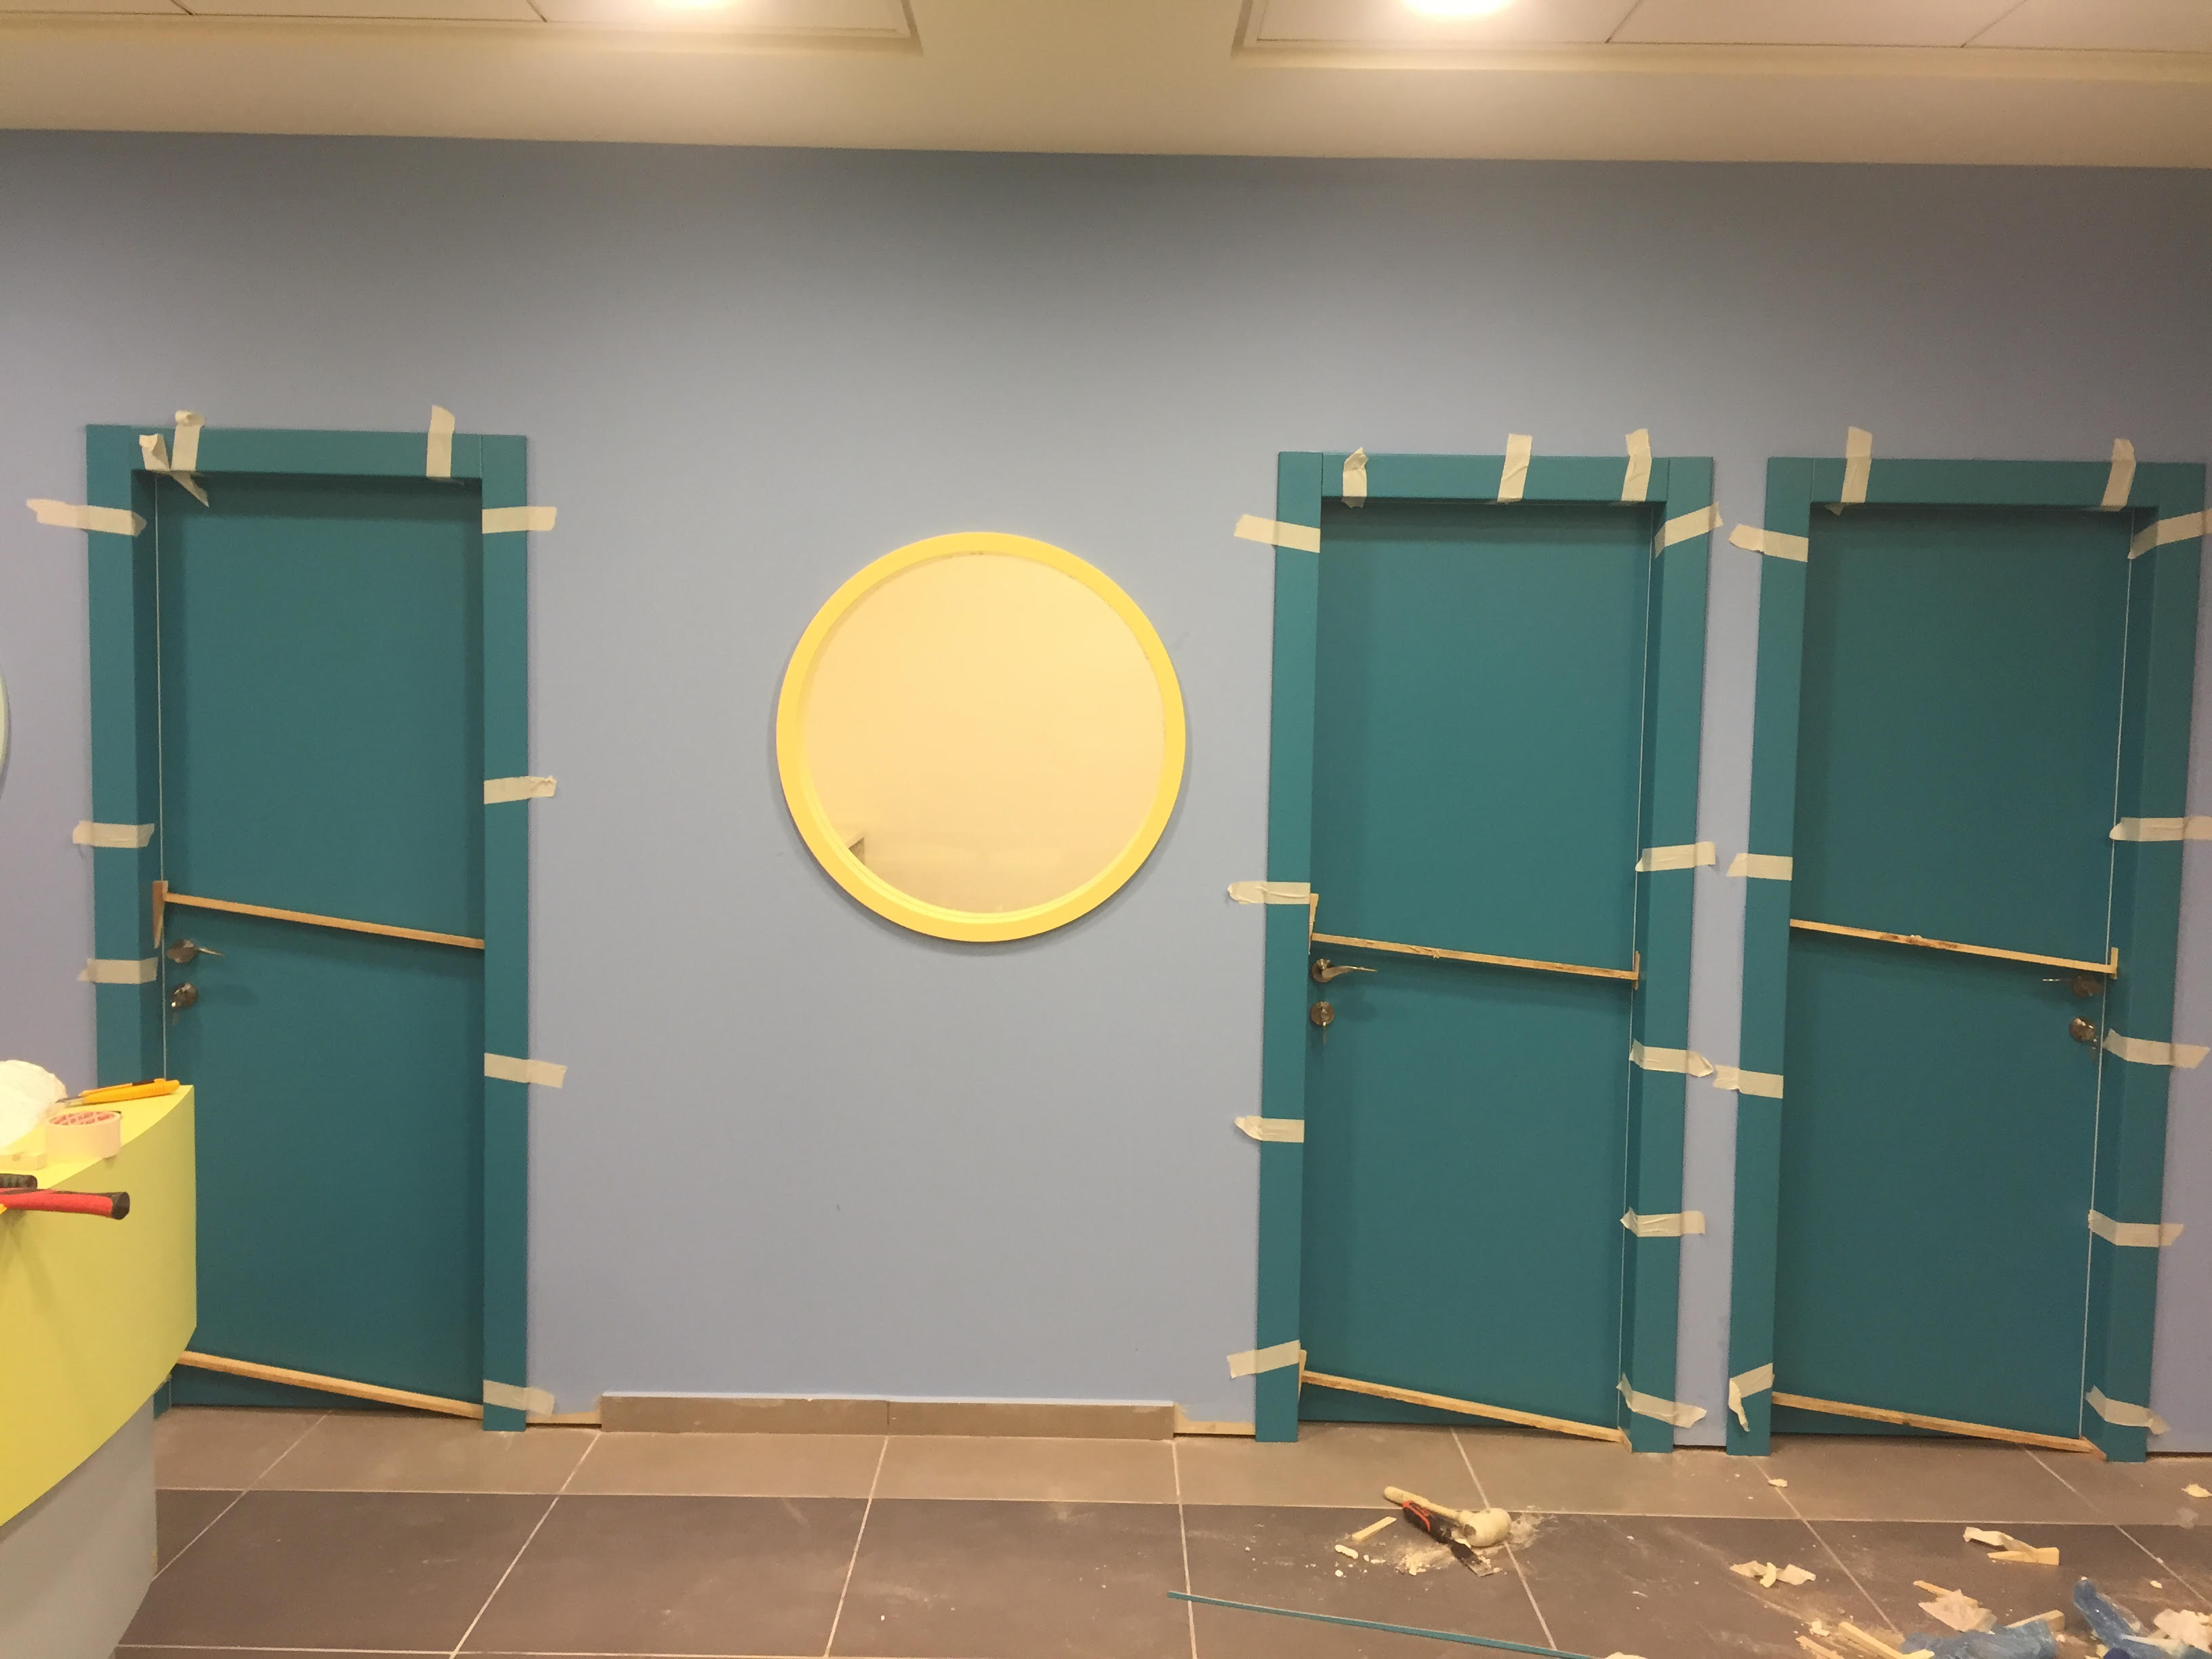 דלתות צבע בתנור בגוון מיוחד לספרייה בתל אביב